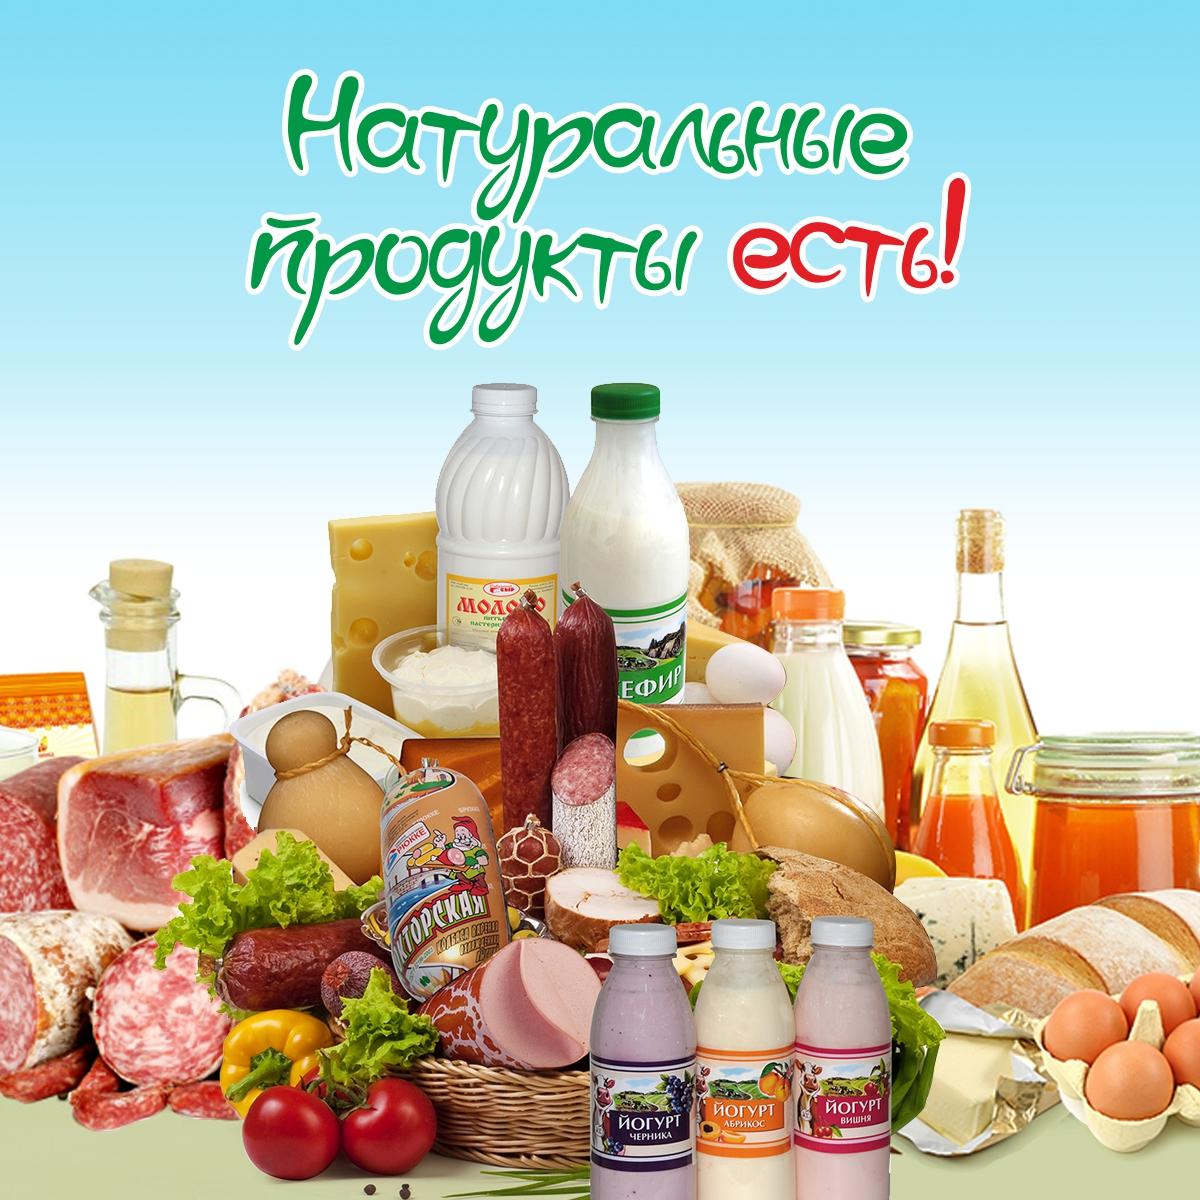 Натуральные продукты — есть